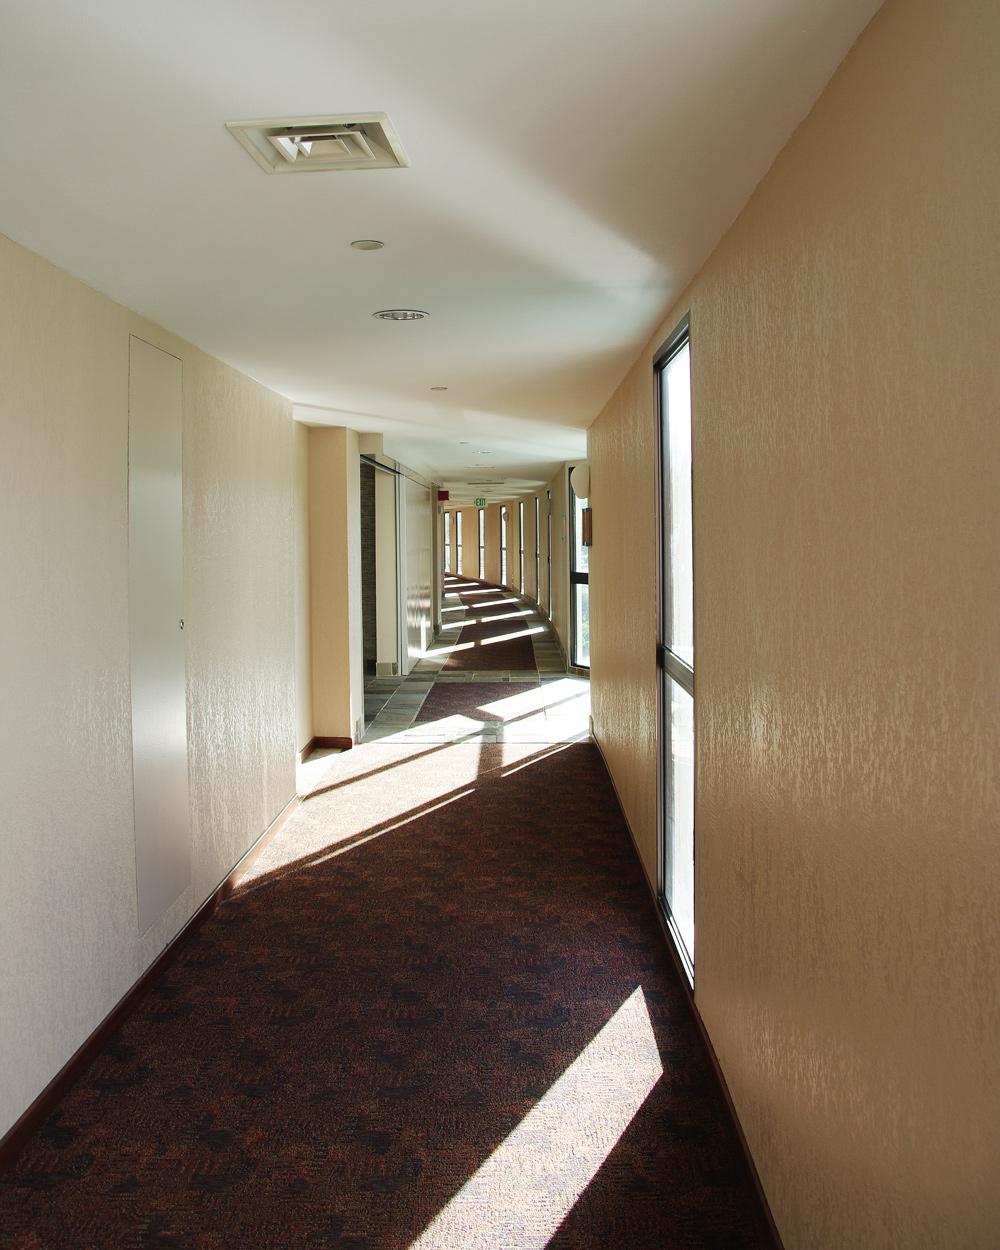 2010年夏のグアム旅行(5) ~ Resort Hotel ① HOTEL NIKKO GUAM~_c0223825_2312236.jpg